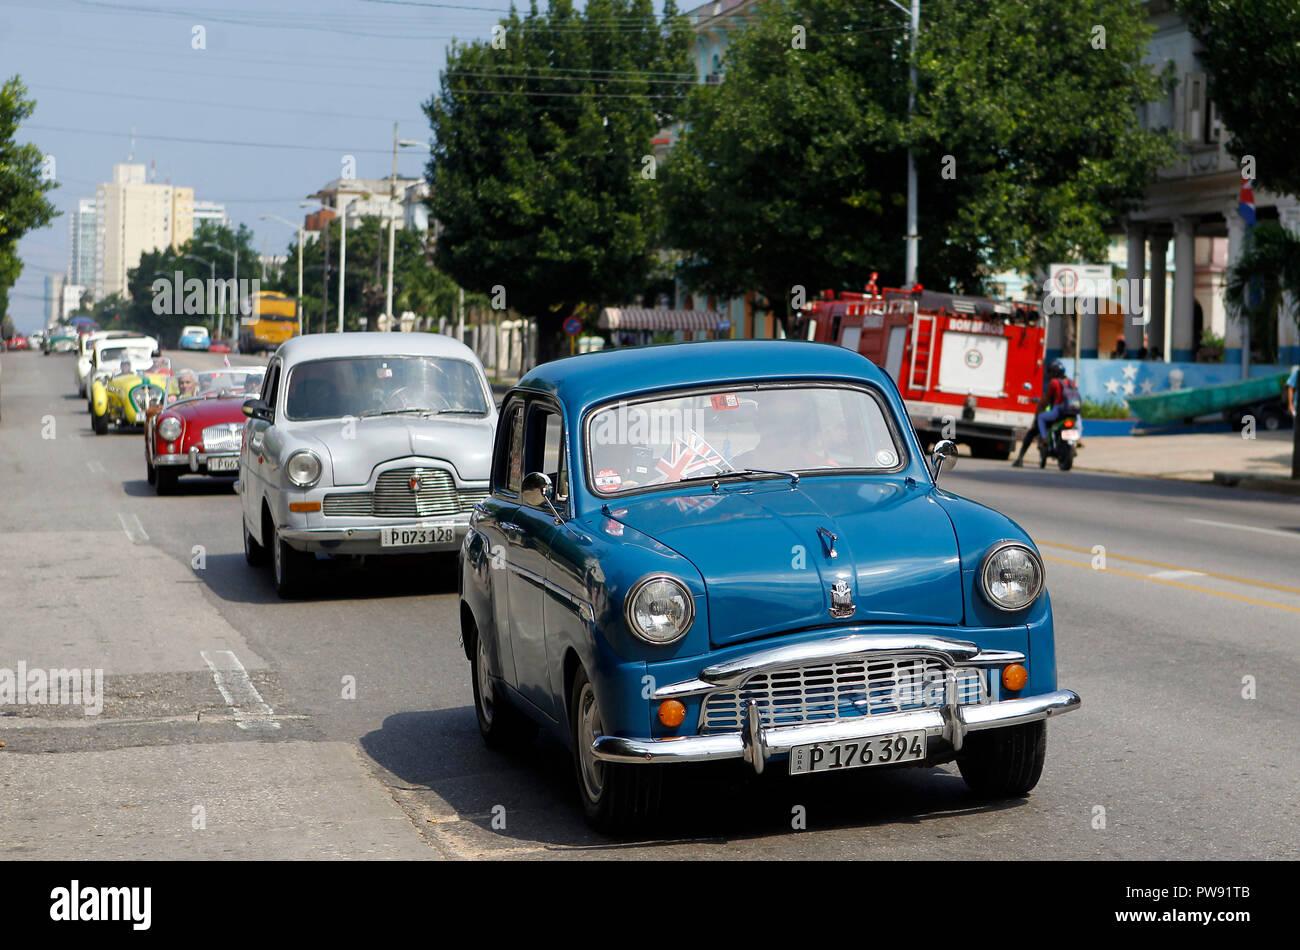 La Habana Cuba 13th Oct 2018 A View Of Several Brisith Classic